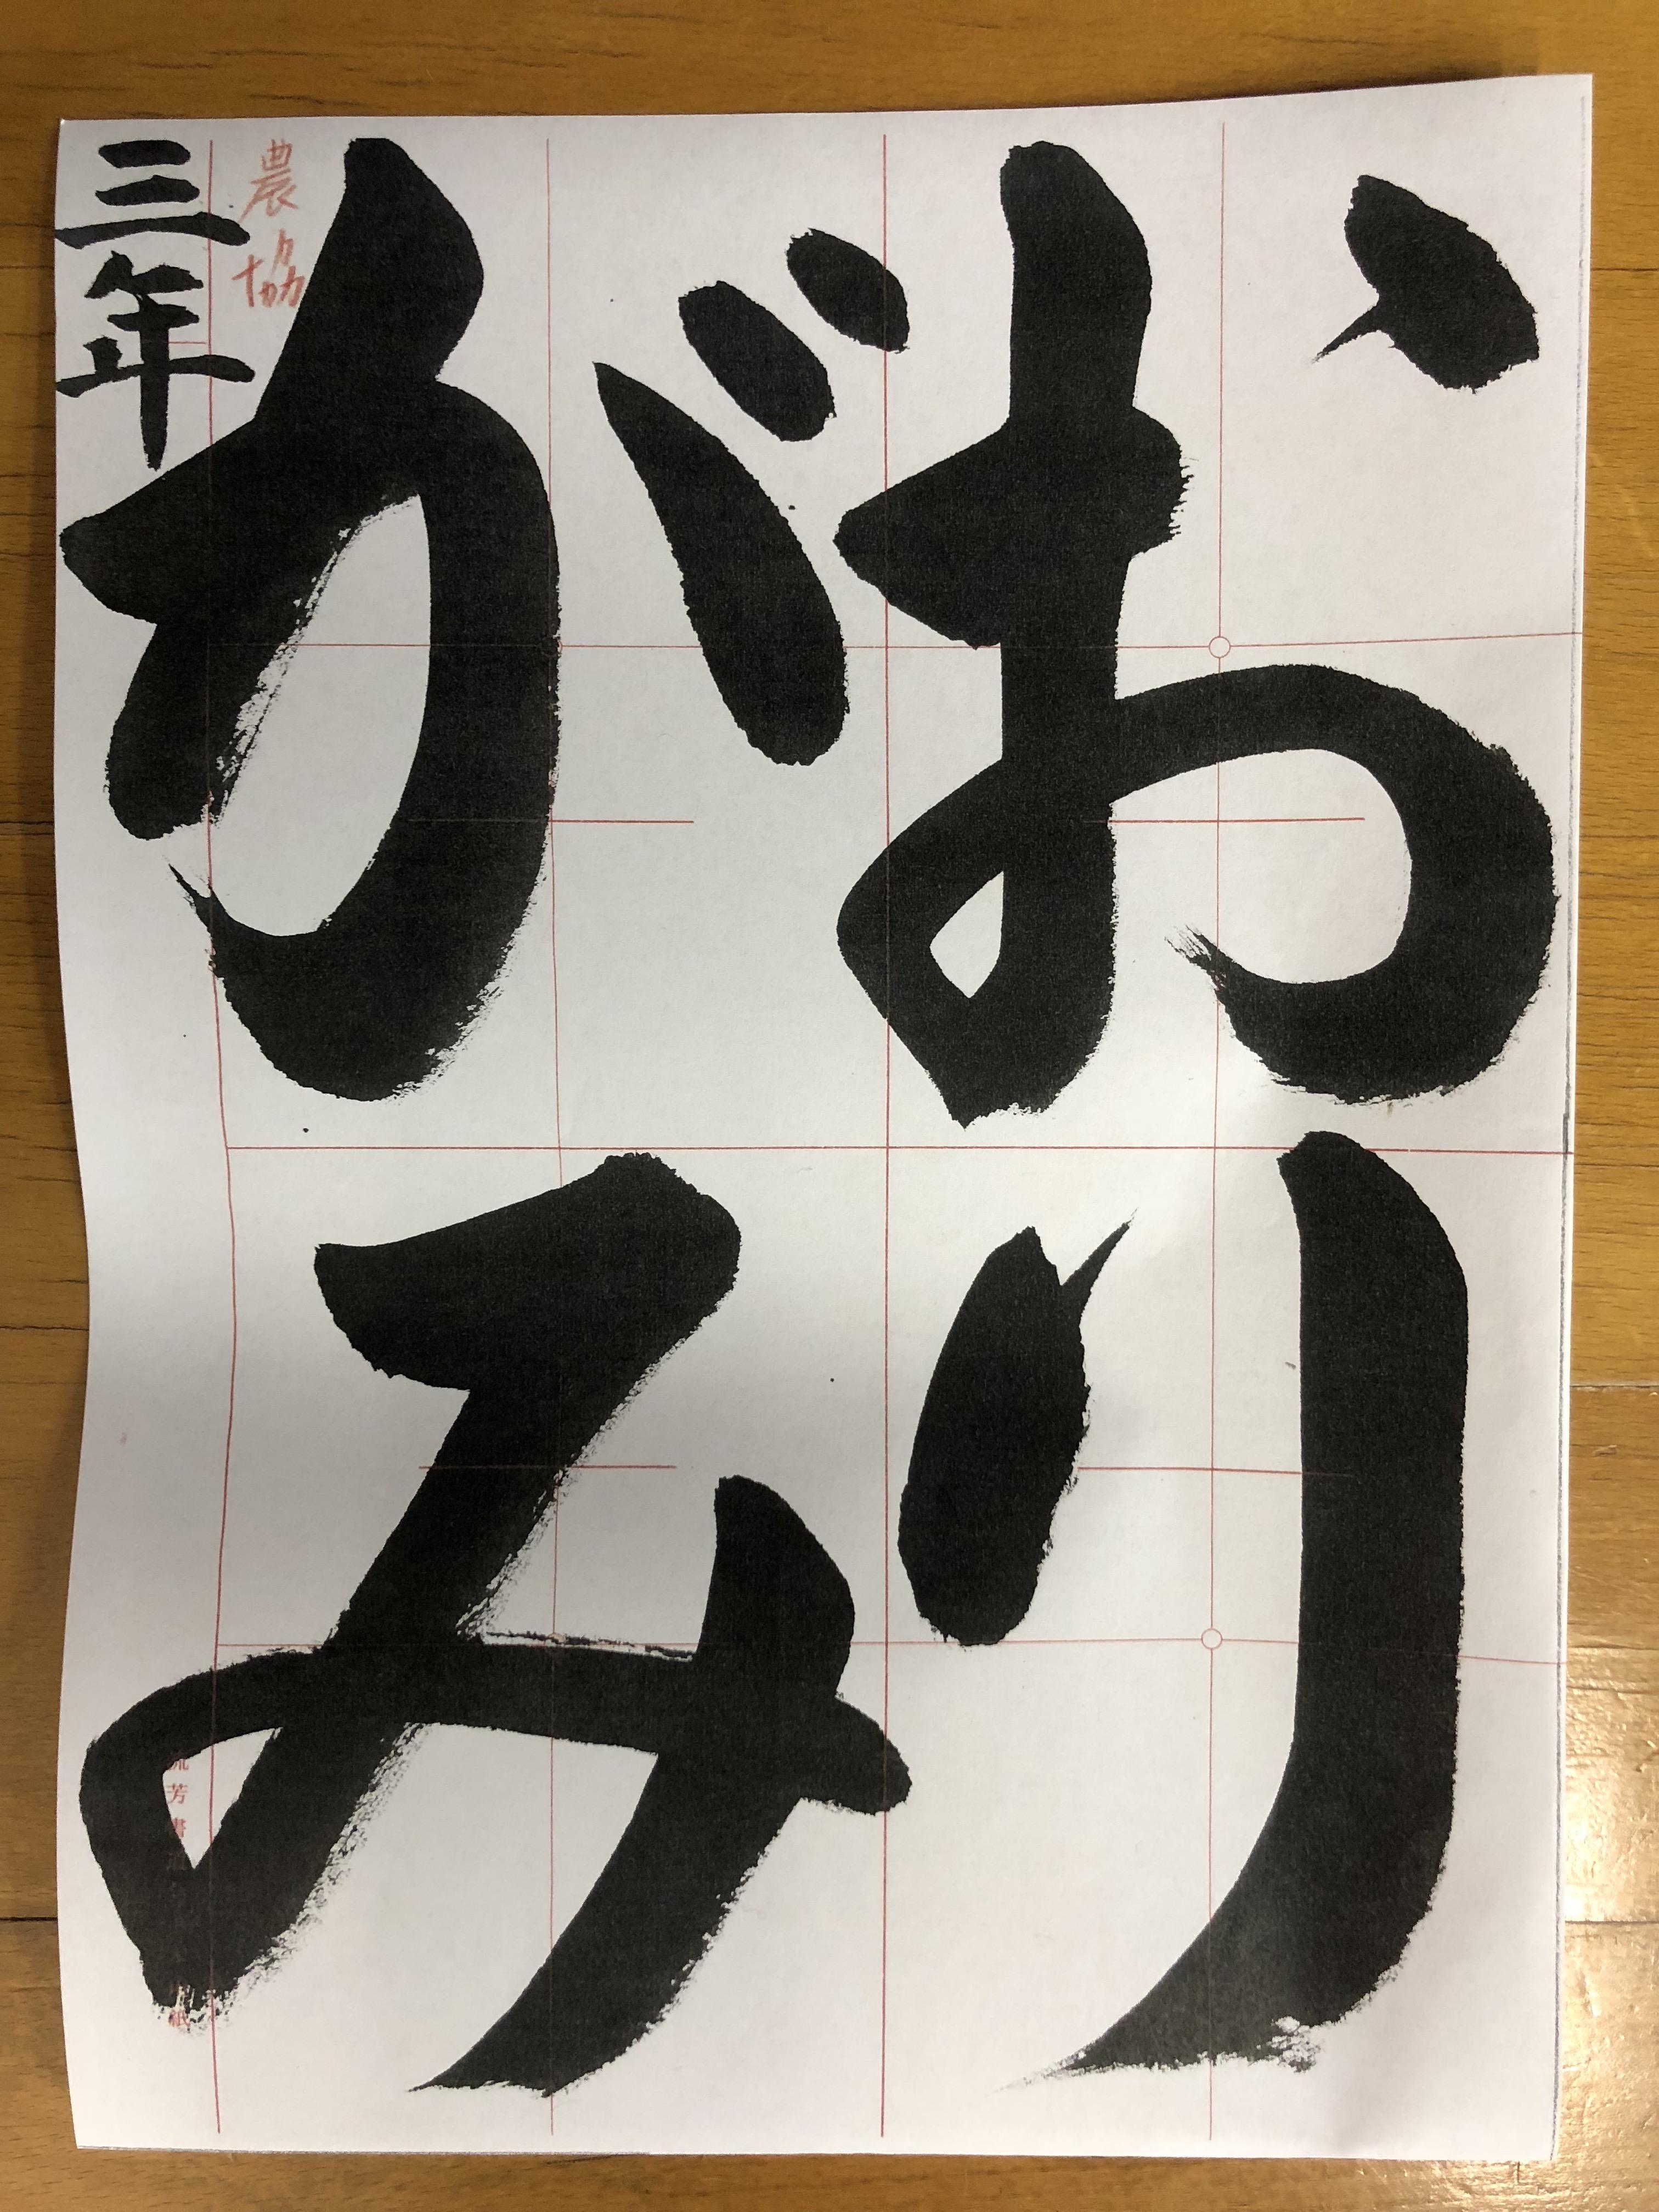 2018 30年 JA 農協 書道 コンクール 毛筆 自由課題 夏休み 宿題 佐賀 書道教室